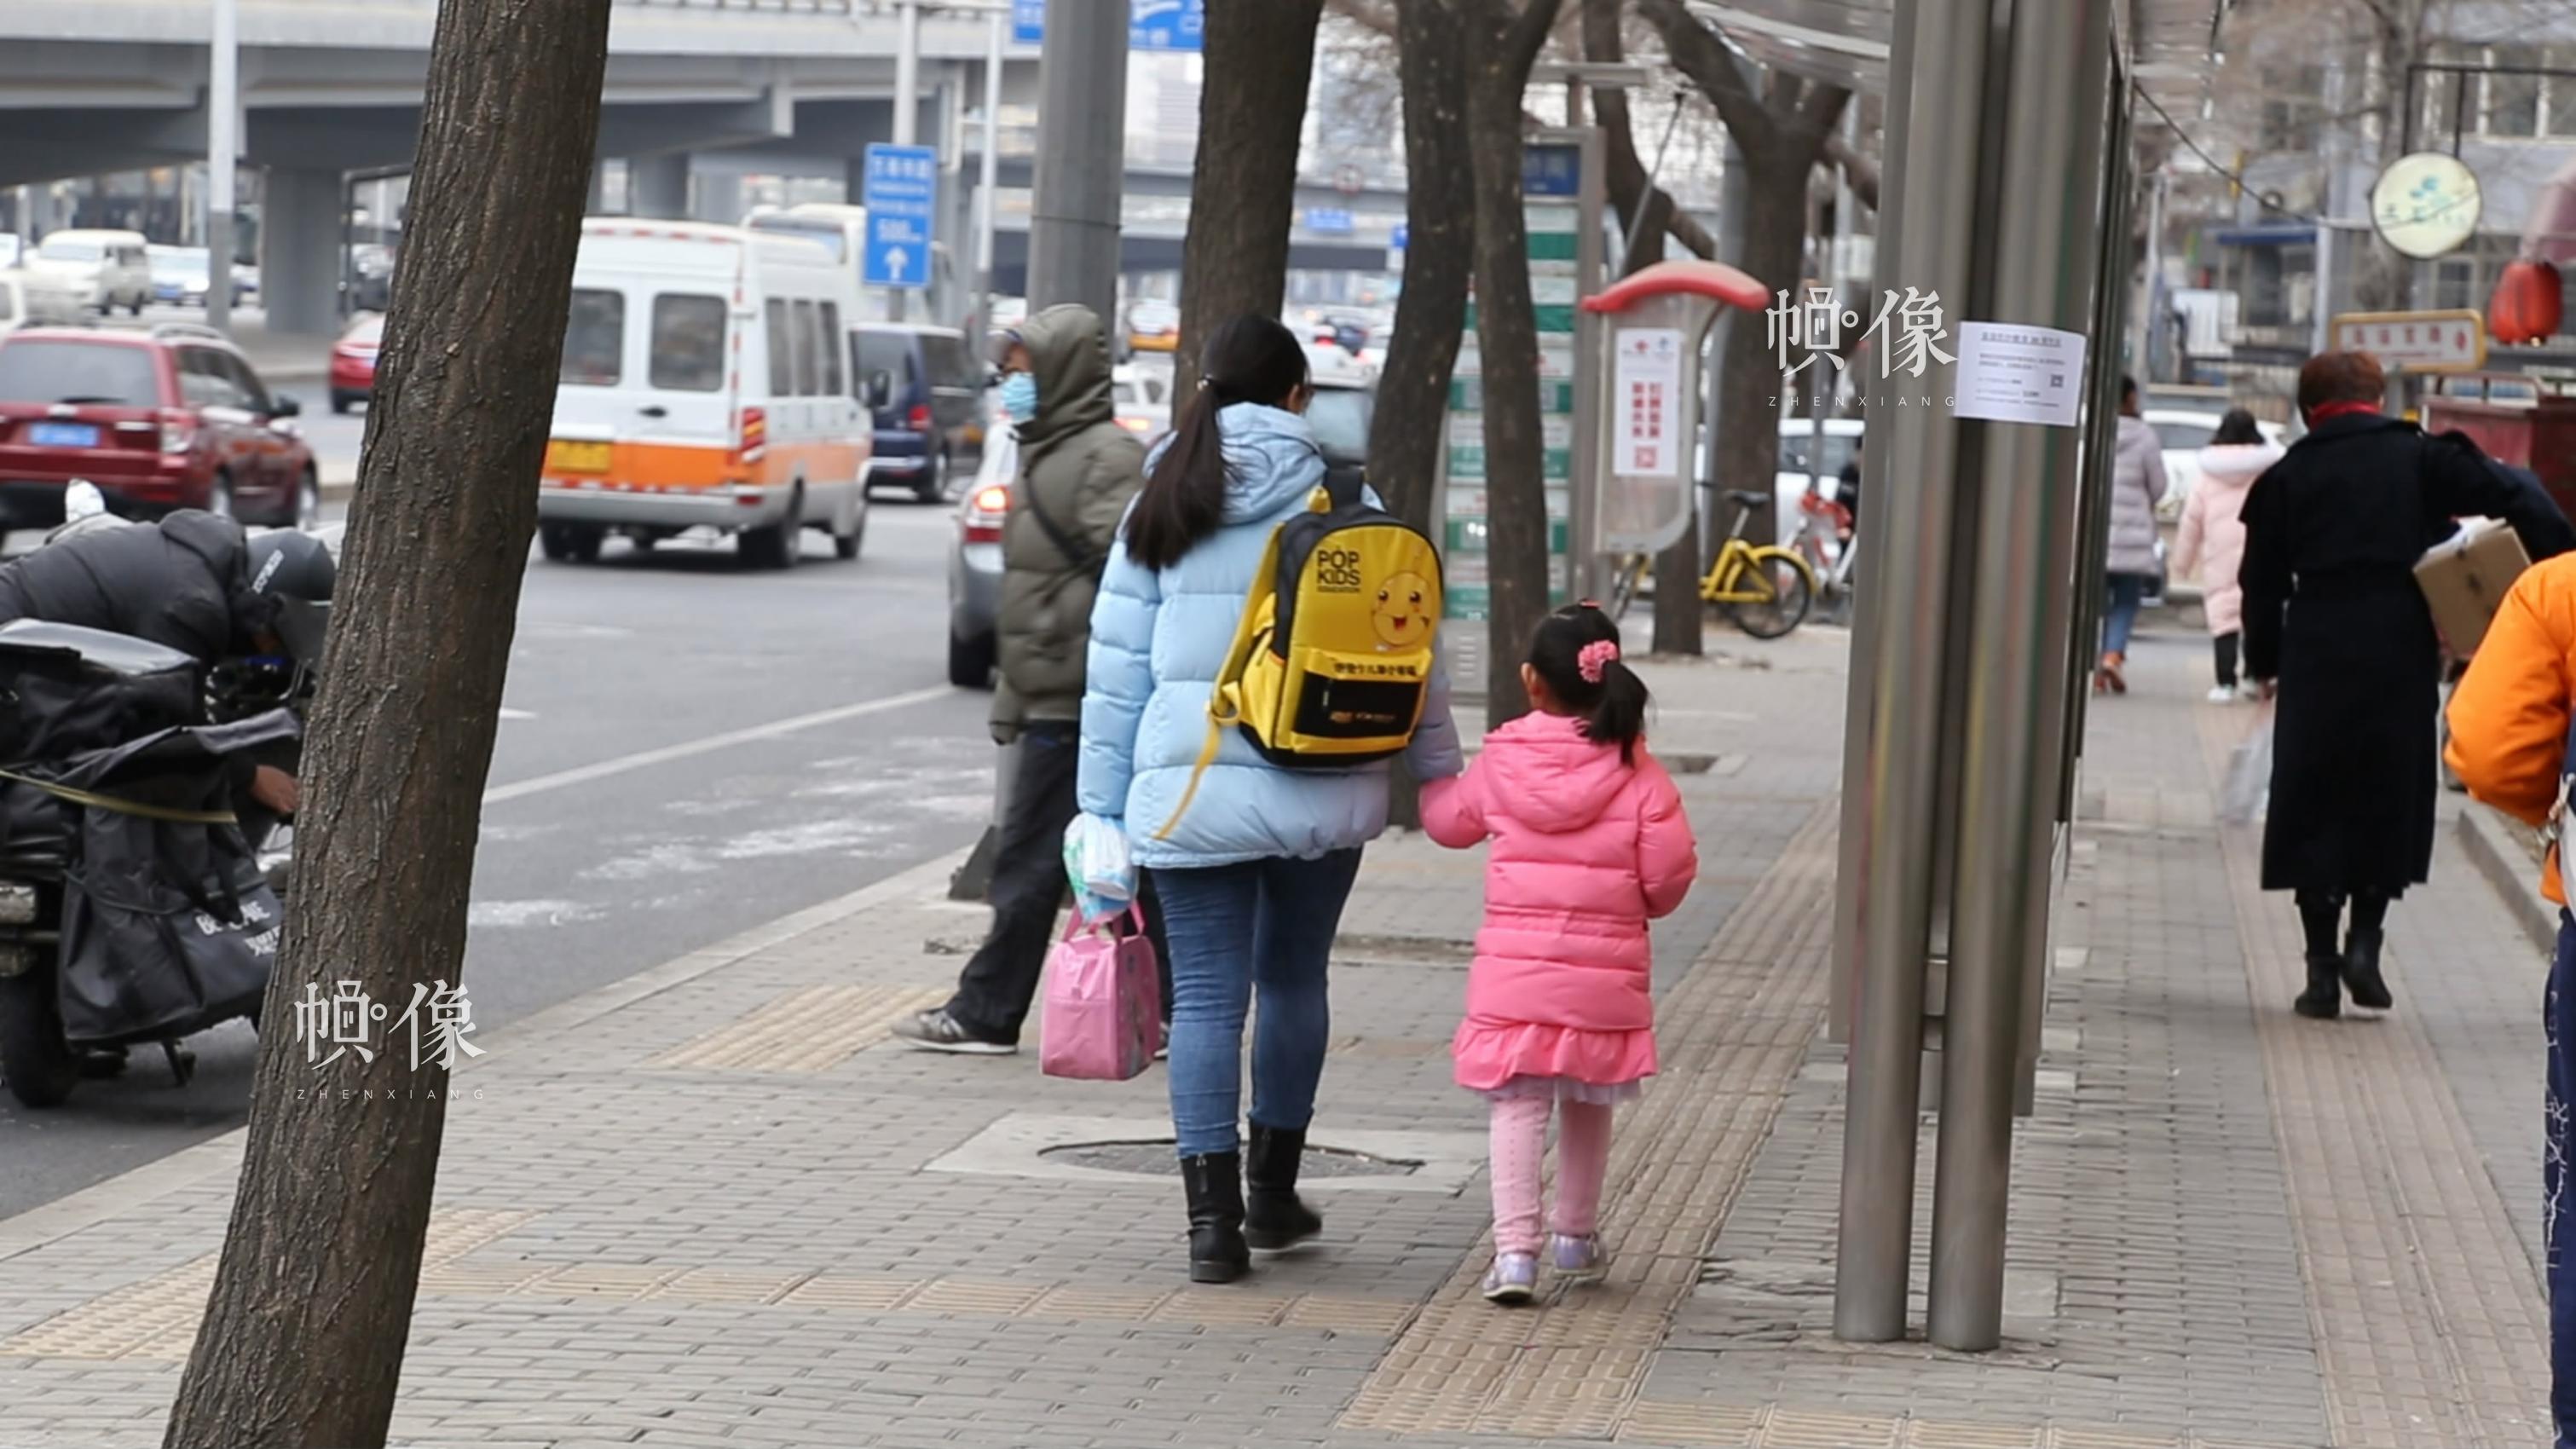 2018年3月6日下午,北京海淀實驗小學附近,一女子牽著剛下學的女兒走在回家的路上。中國網記者 趙超 攝